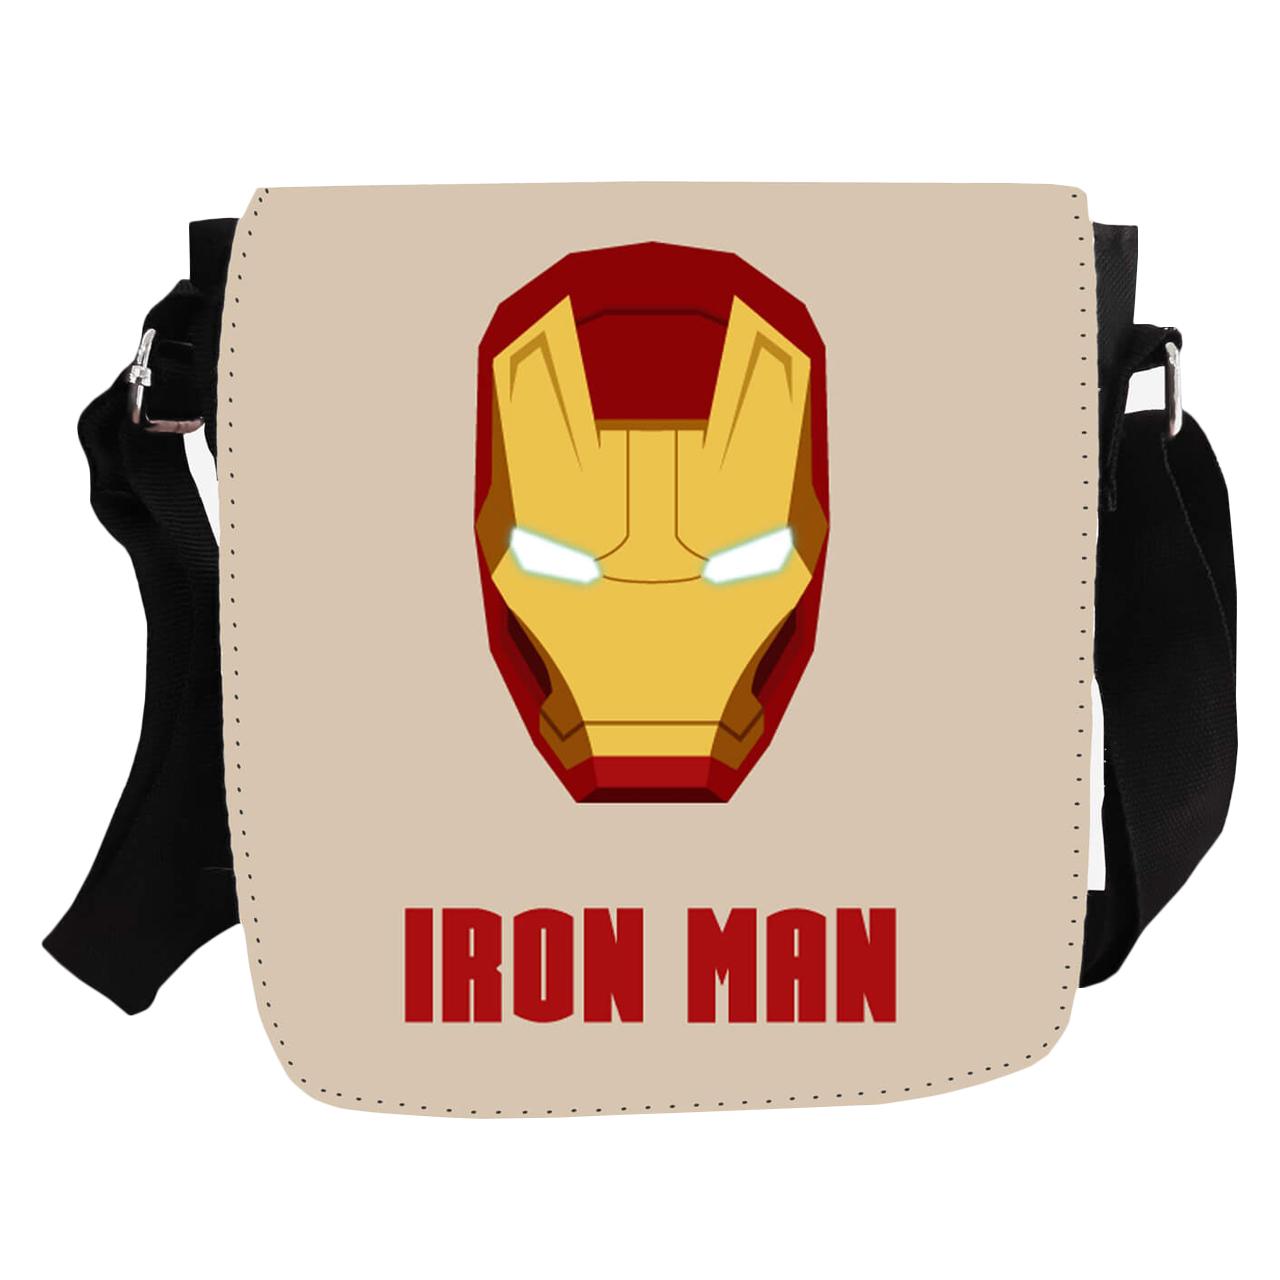 کیف دوشی طرح Iron man مدل KP-151